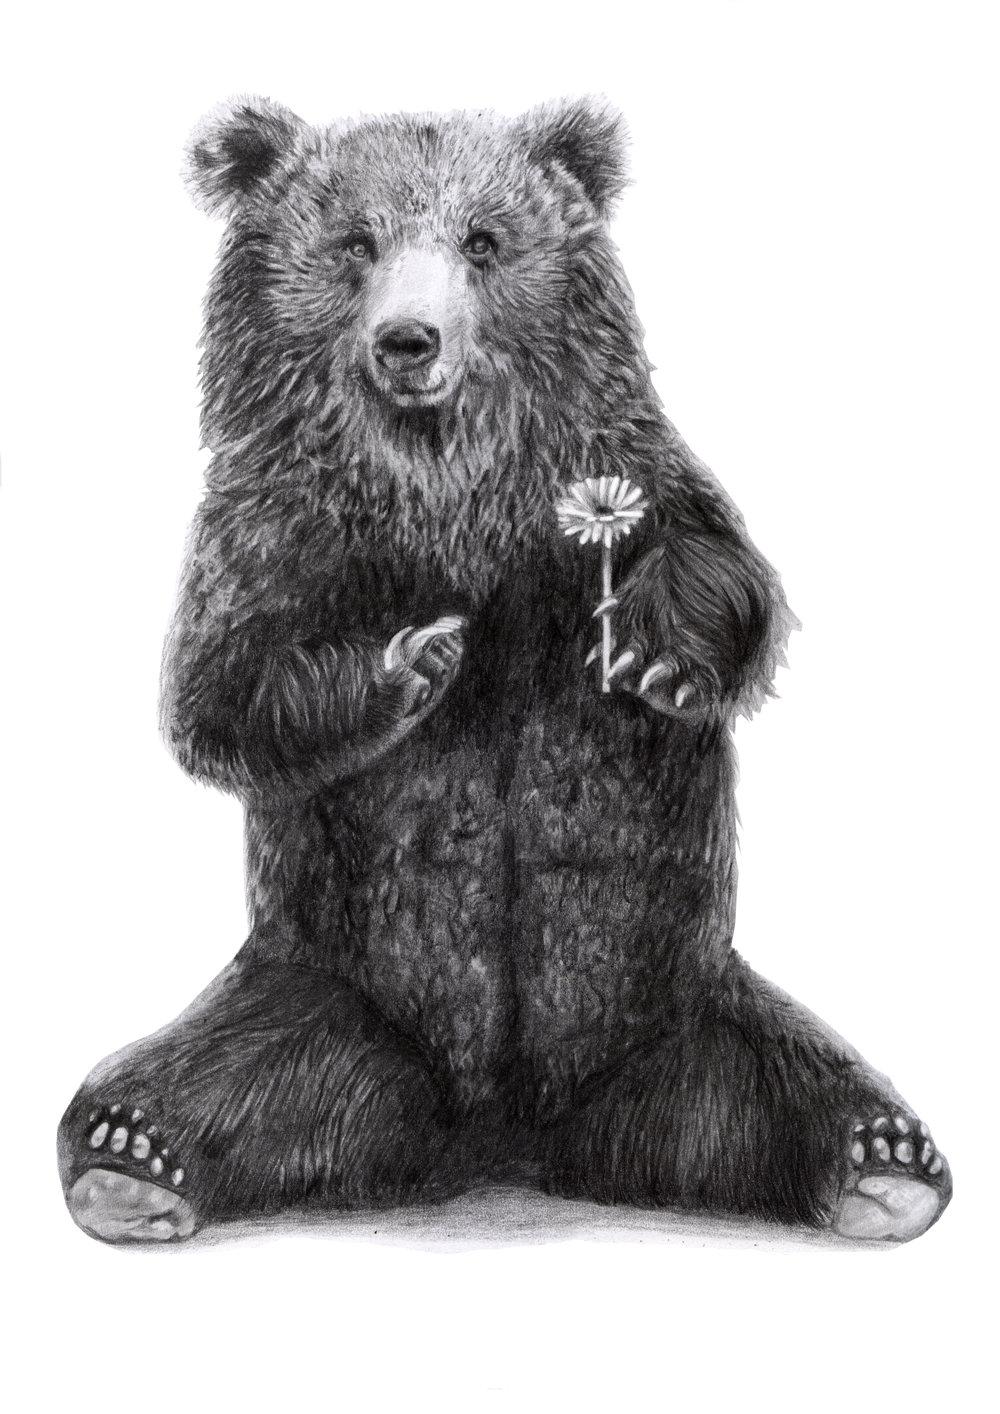 Bears have feelings too